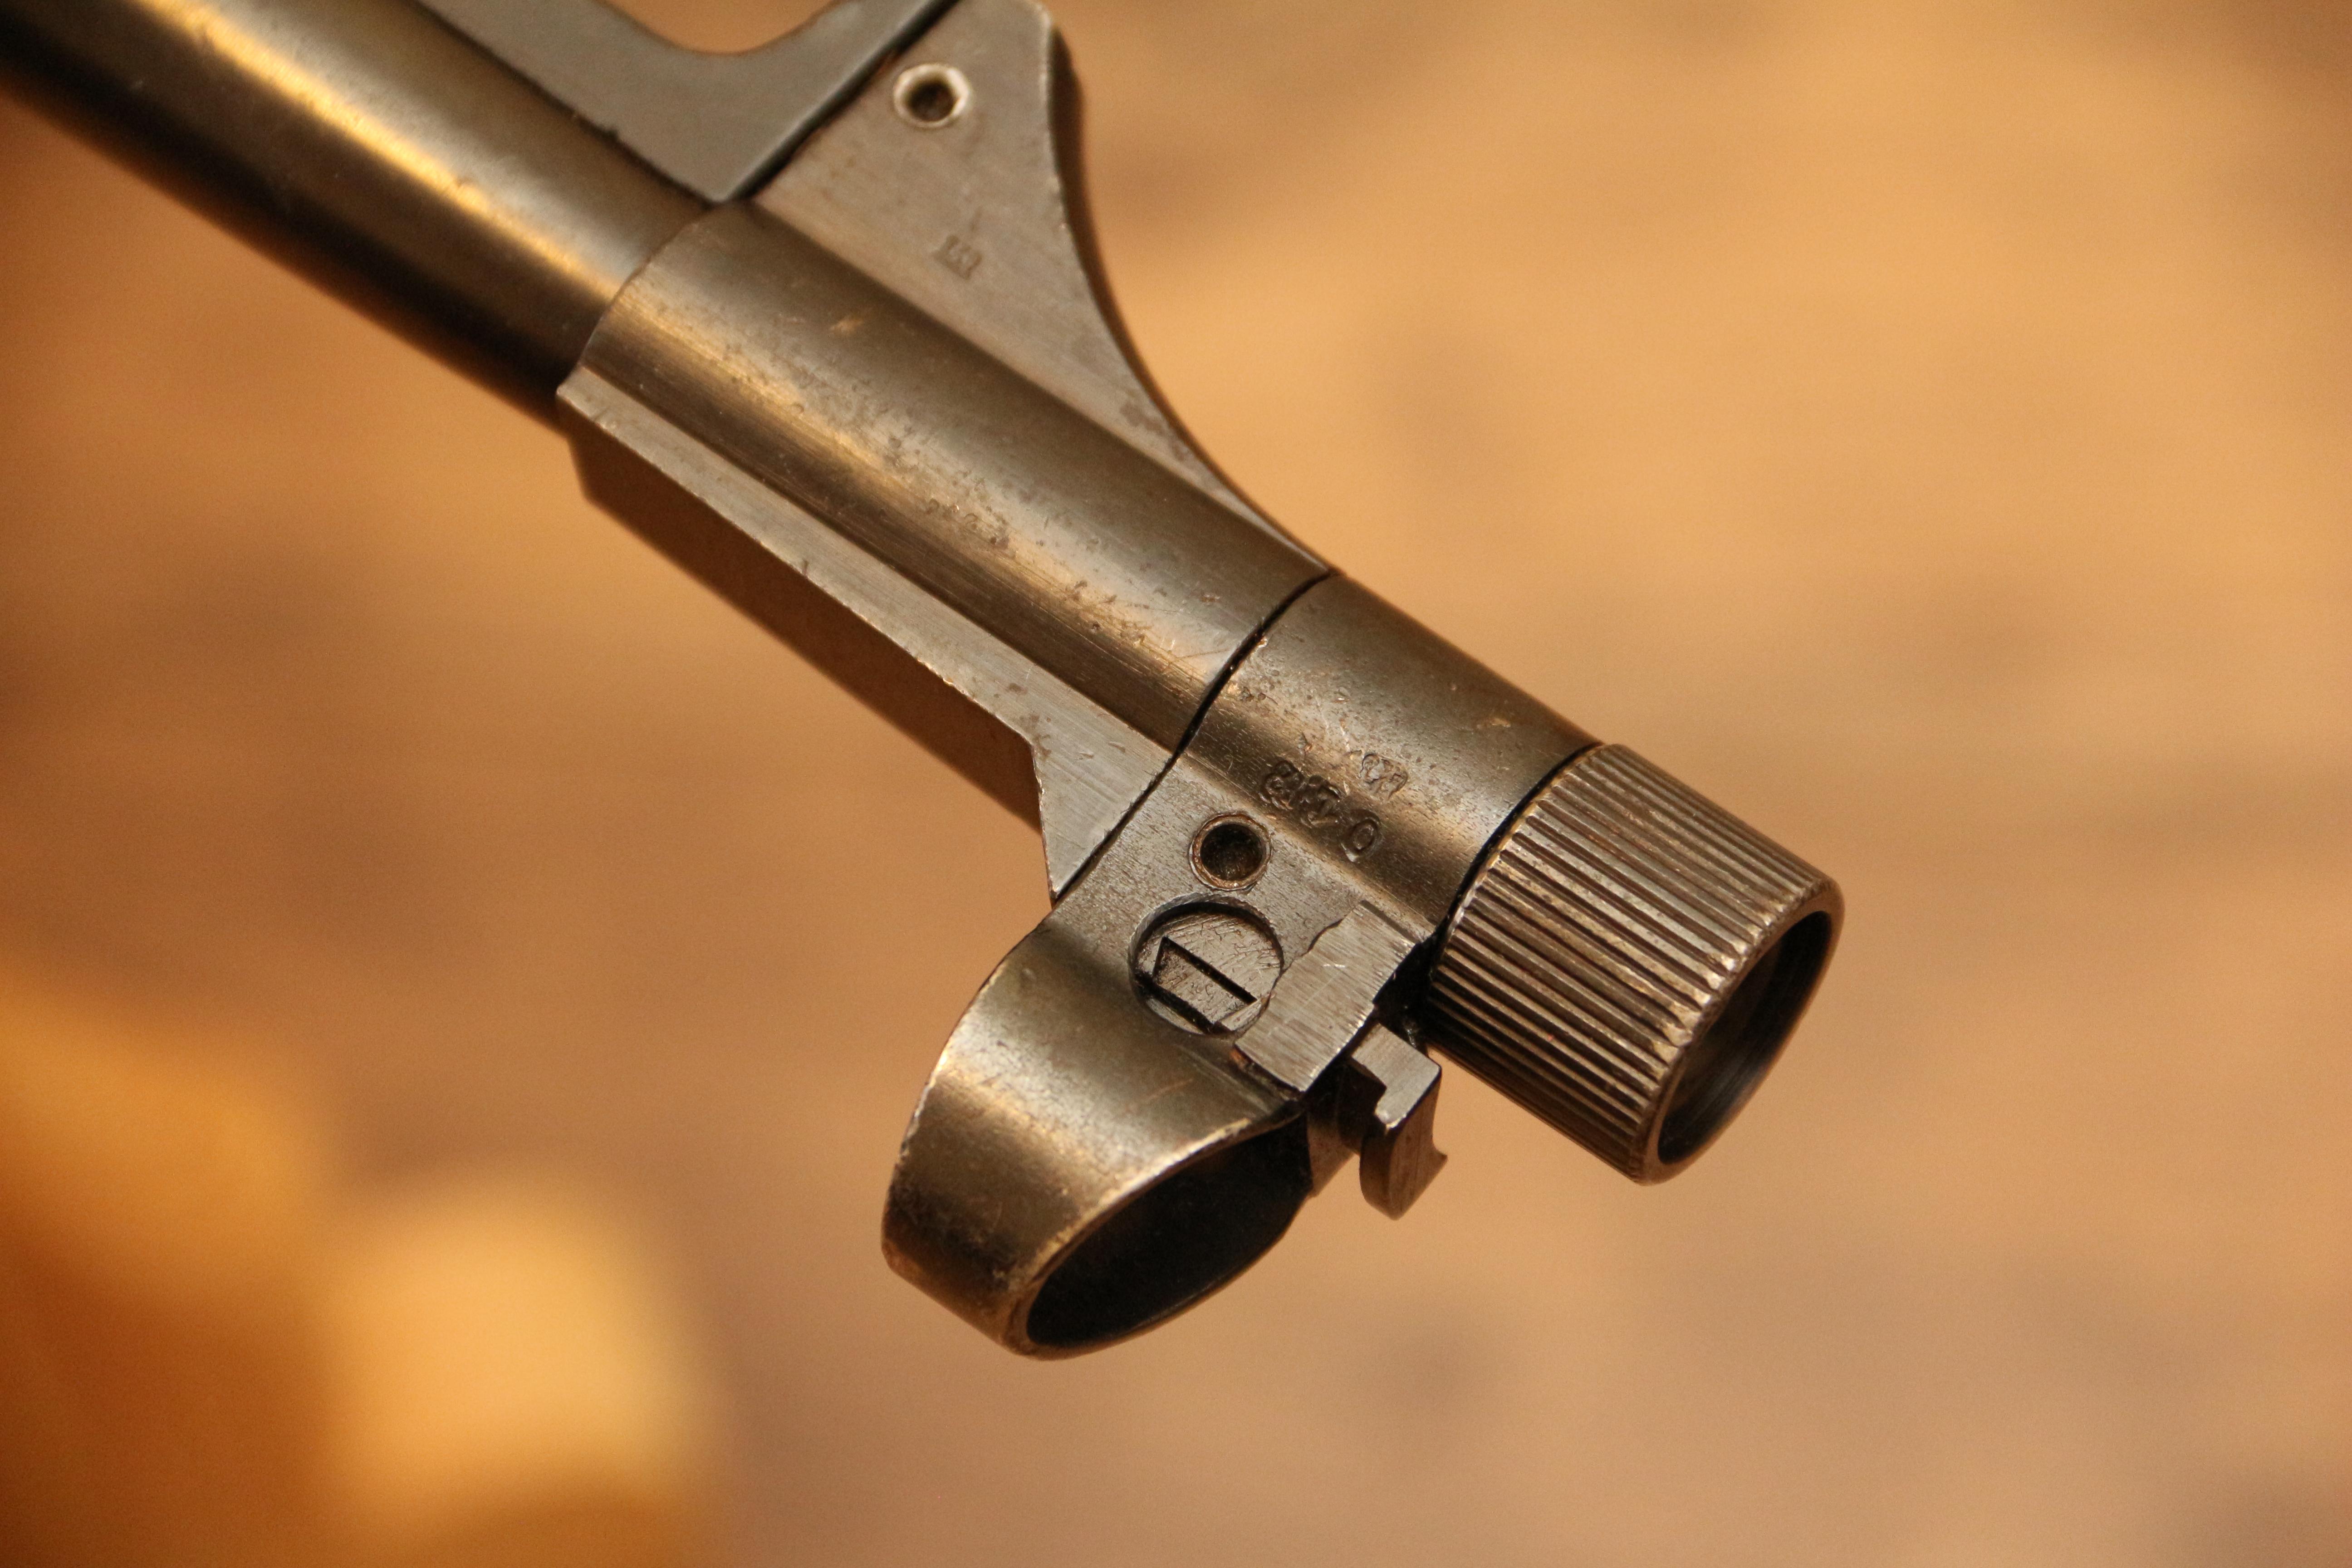 Фото Немецкий пистолет-пулемет MP40 завод 660 Steyr-Daimler Puch, Steyr, Austria, 1940 год #9018